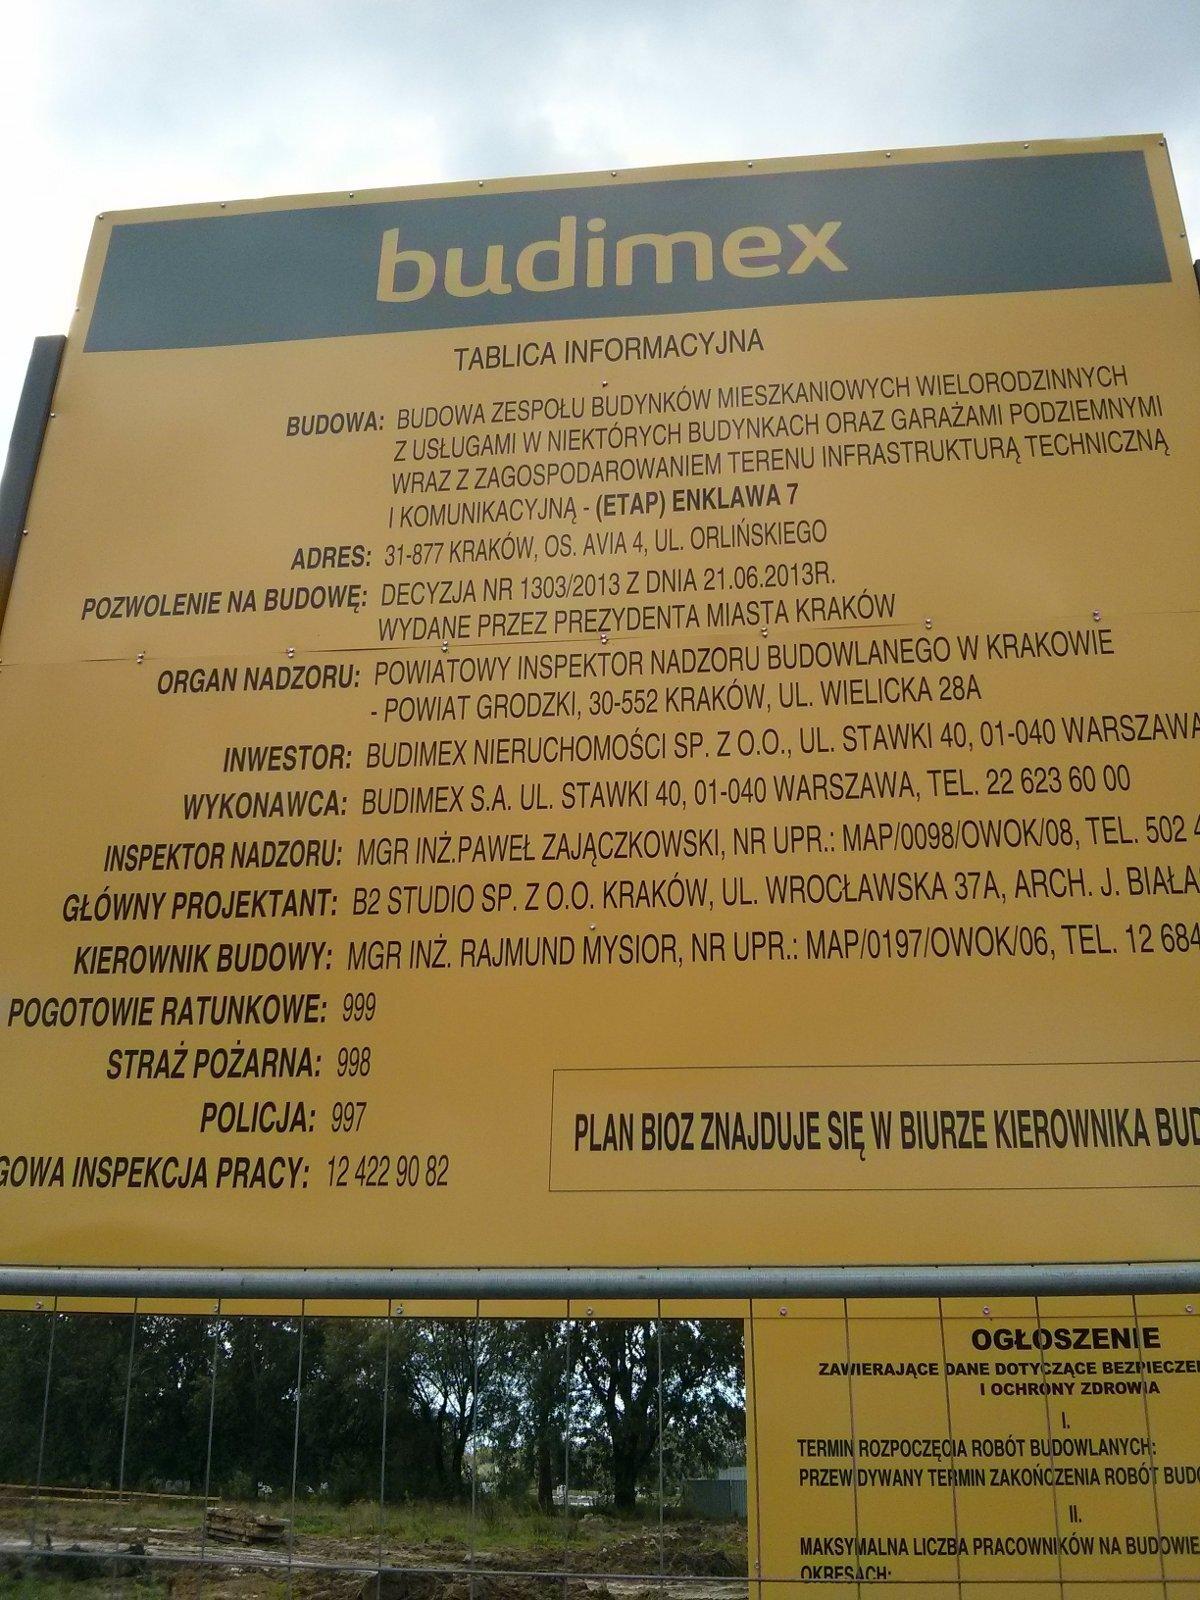 Budimex buduje osiedle Avia Orlińskiego 6